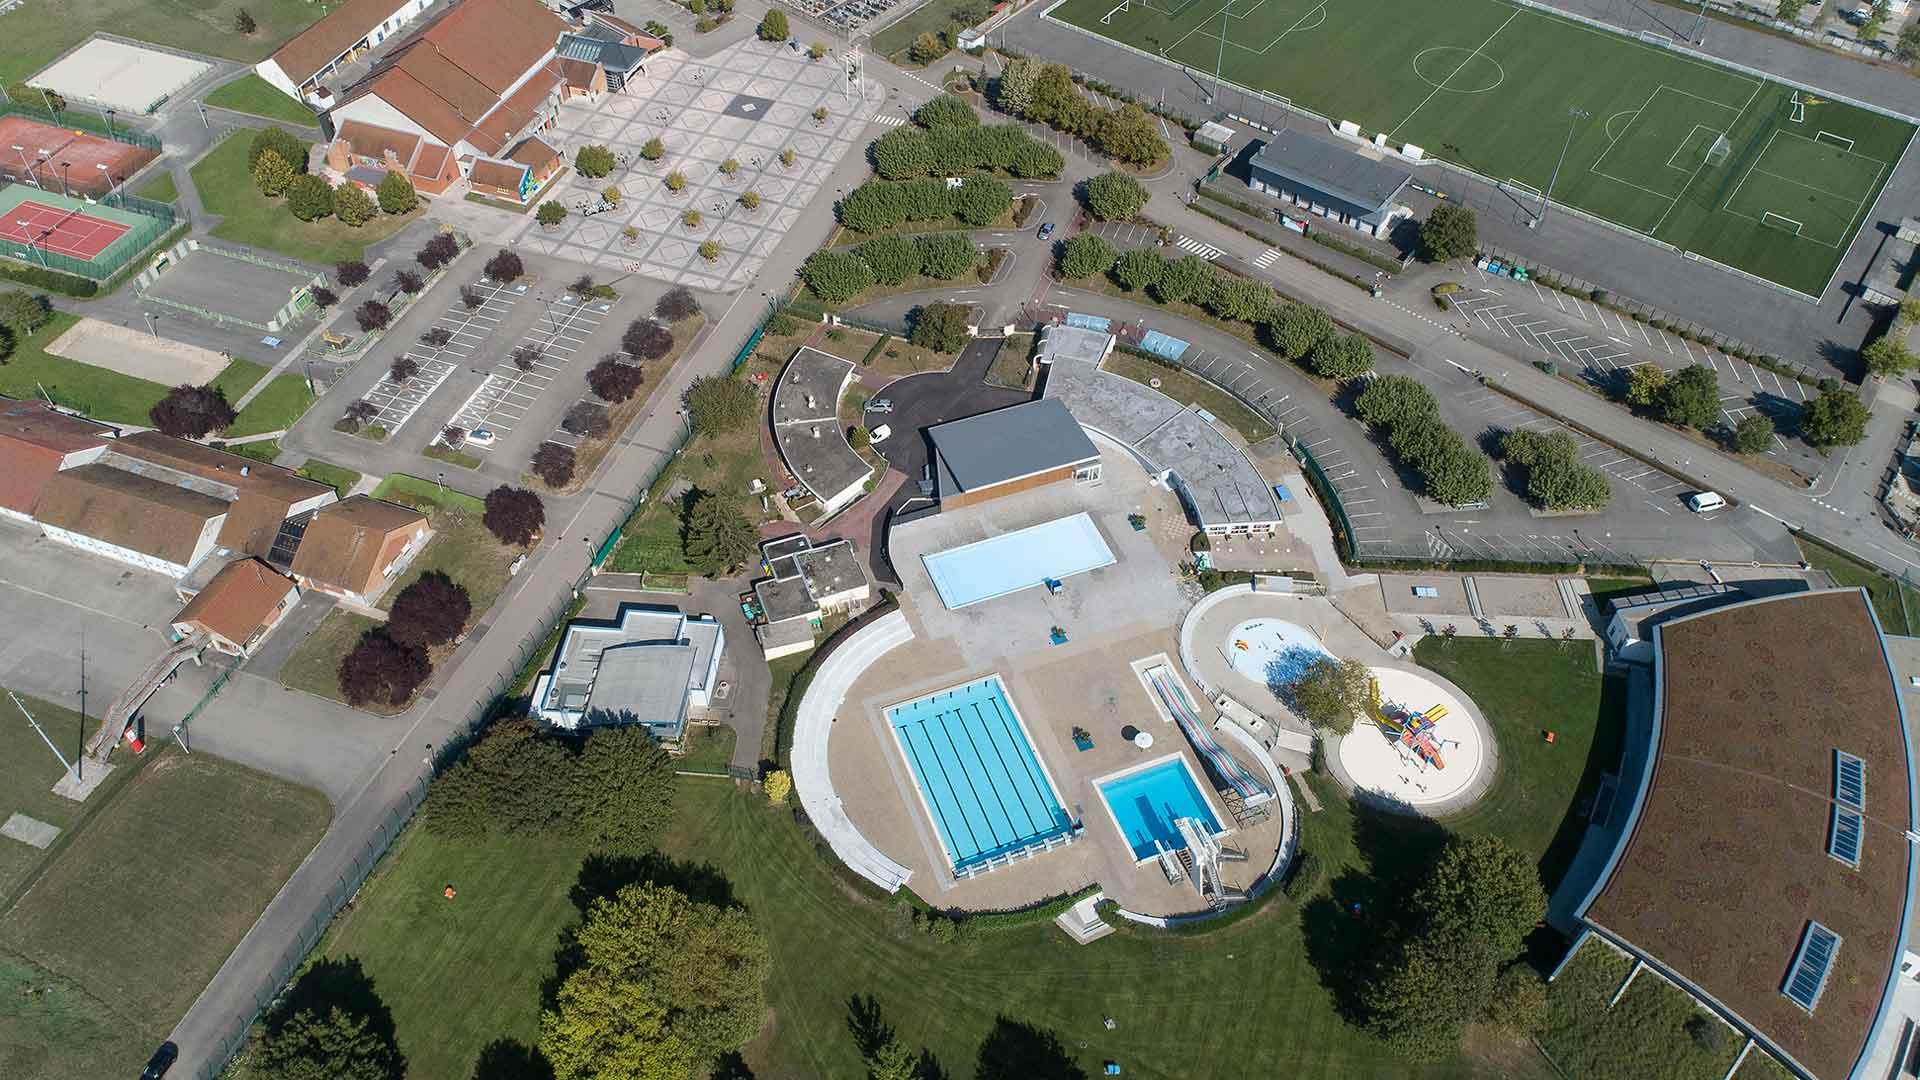 Centre Nautique Aquarhin, Piscine & Spa Ottmarsheim avec Horaire Piscine Ottmarsheim